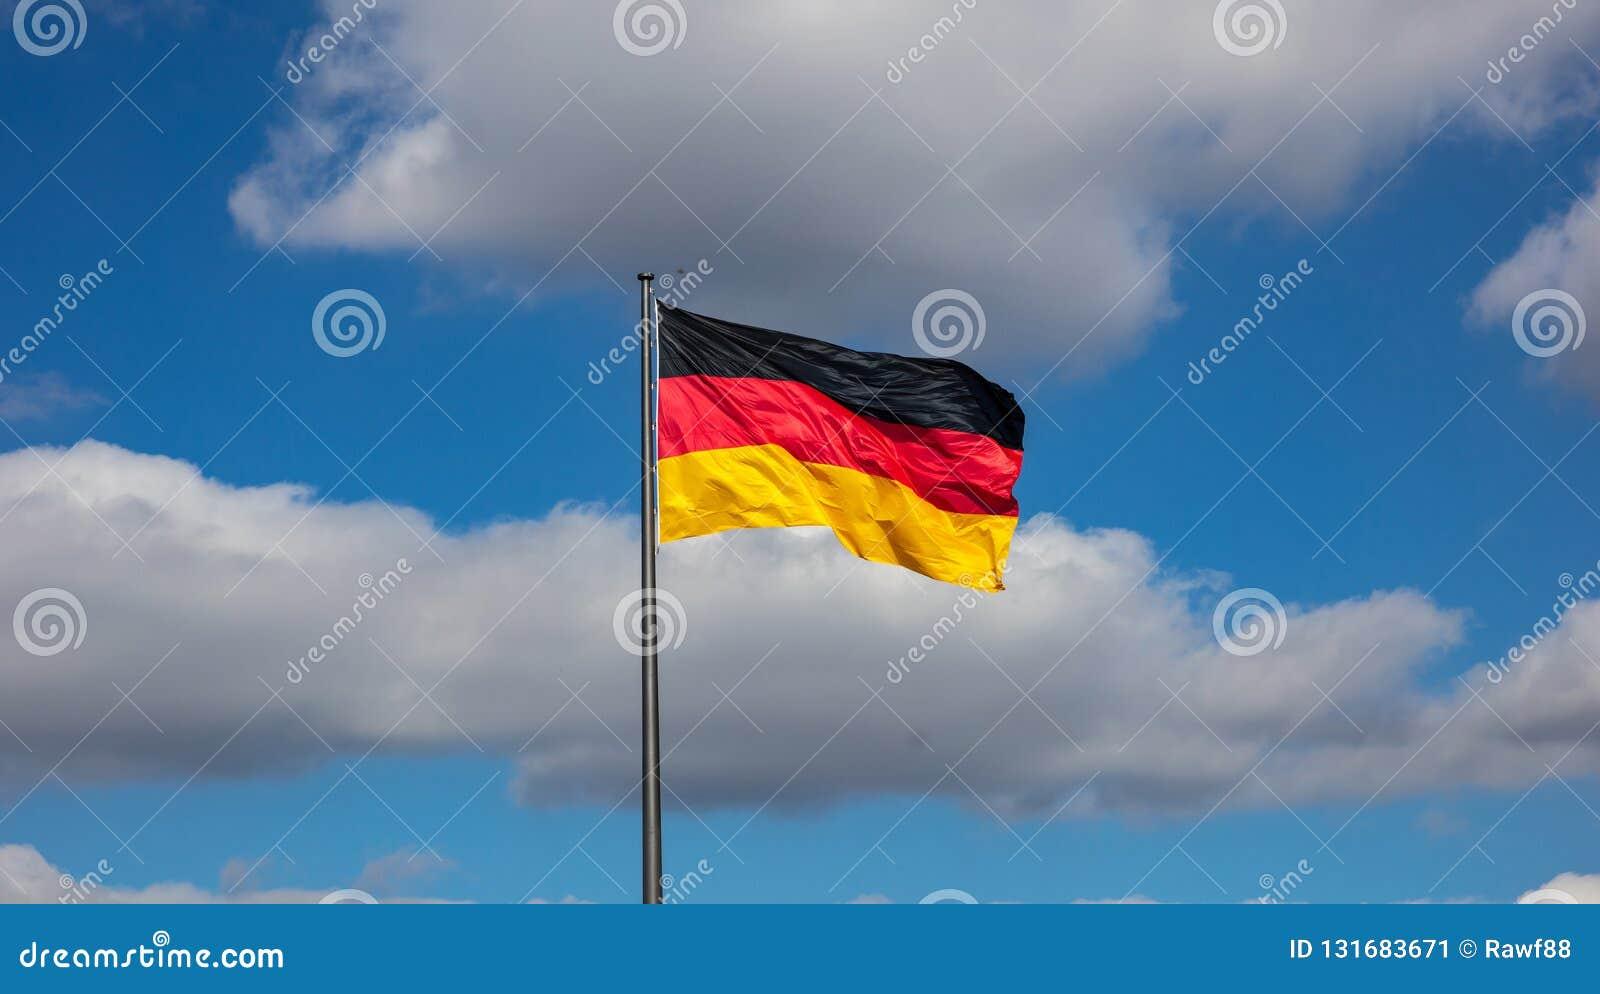 德国沙文主义情绪在反对天空蔚蓝的一个旗杆与云彩,